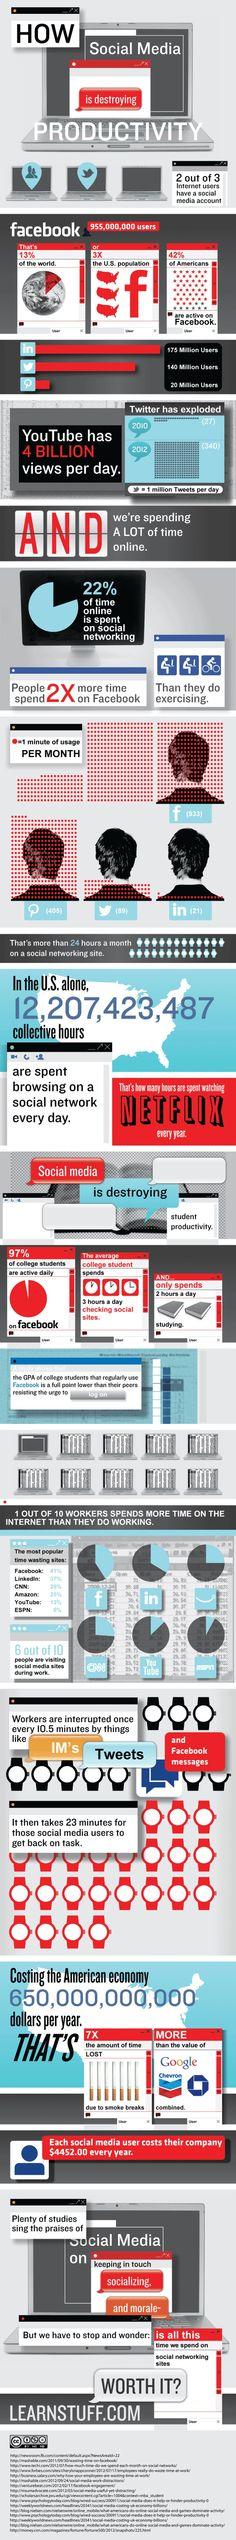 Noen som kjenner seg igjen? --> How Social Media is Destroying Productivity (Infographic)